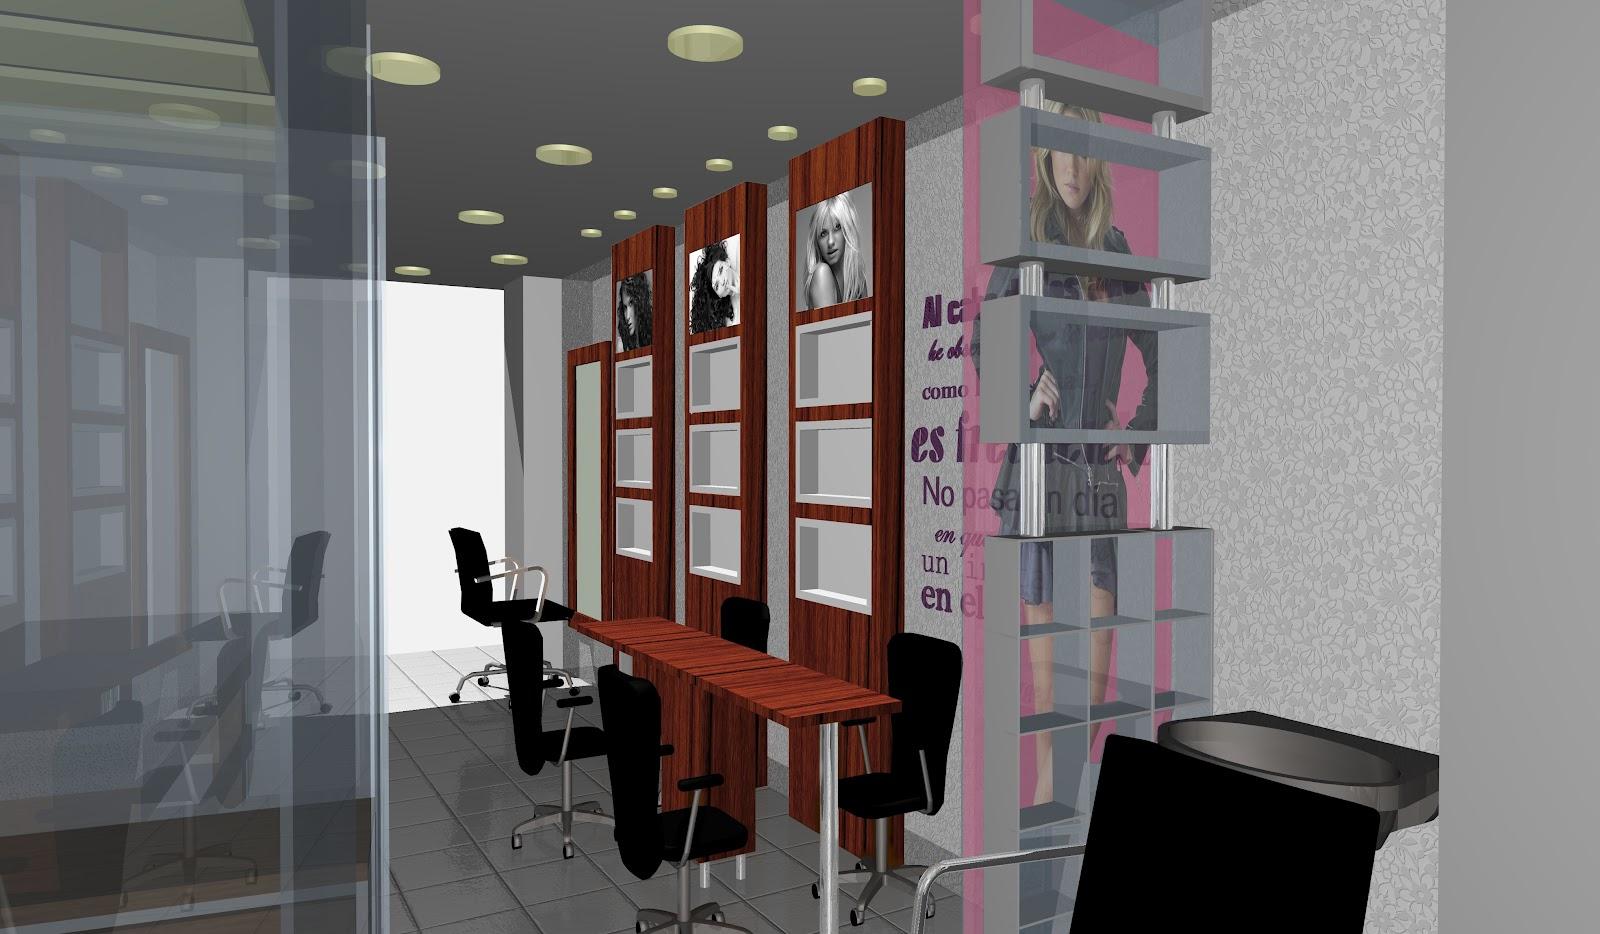 Muebles dise os y proyectos dise ar un salon de belleza - Modelos de estores para salon ...